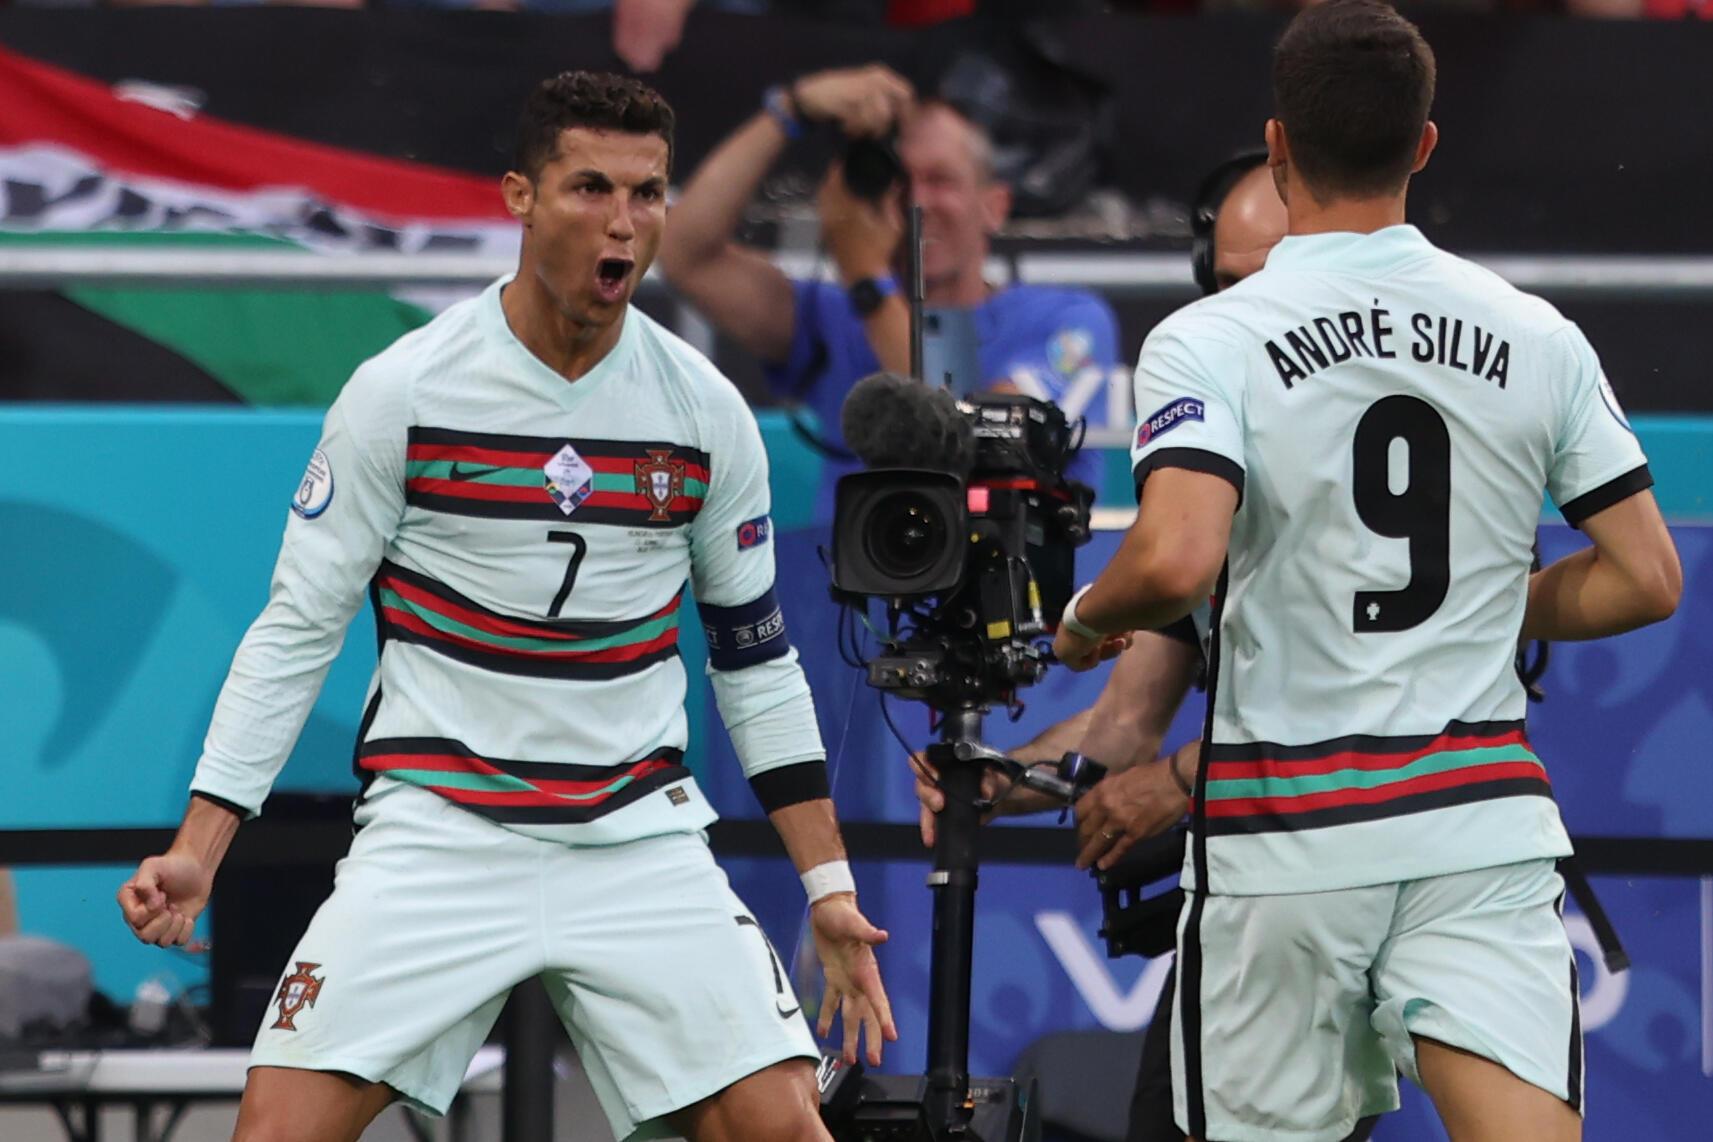 Dan wasan Fotigal da Jeventus Cristiano Ronaldo yayin da yake nasarar cin kwallaye biyu a gasar Euro 2020 bayan nasara kan Hungary da 3 da 0, ranar 15 ga watan Yuni 2021